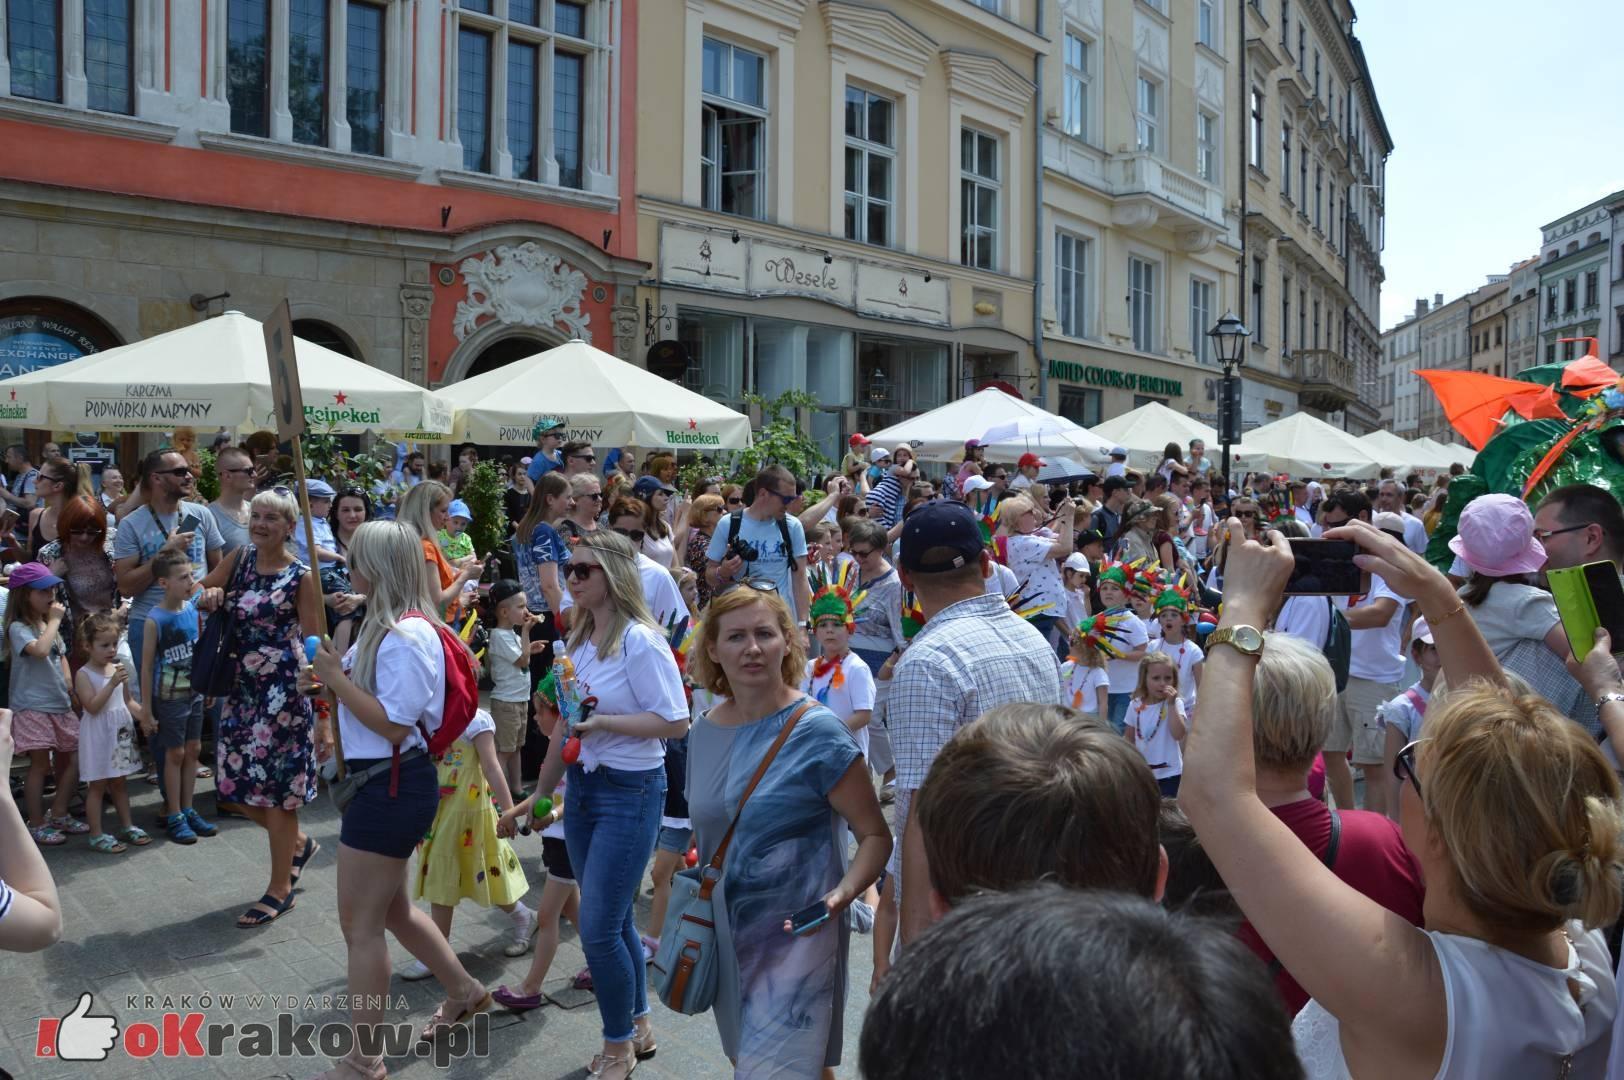 wielka parada smokow przeszla przez krakow w 40 smokow do okola swiata 2019 144 150x150 - Parada Smoków przeszła przez Kraków. Obszerna galeria zdjęć - 2 czerwca 2019 w Krakowie